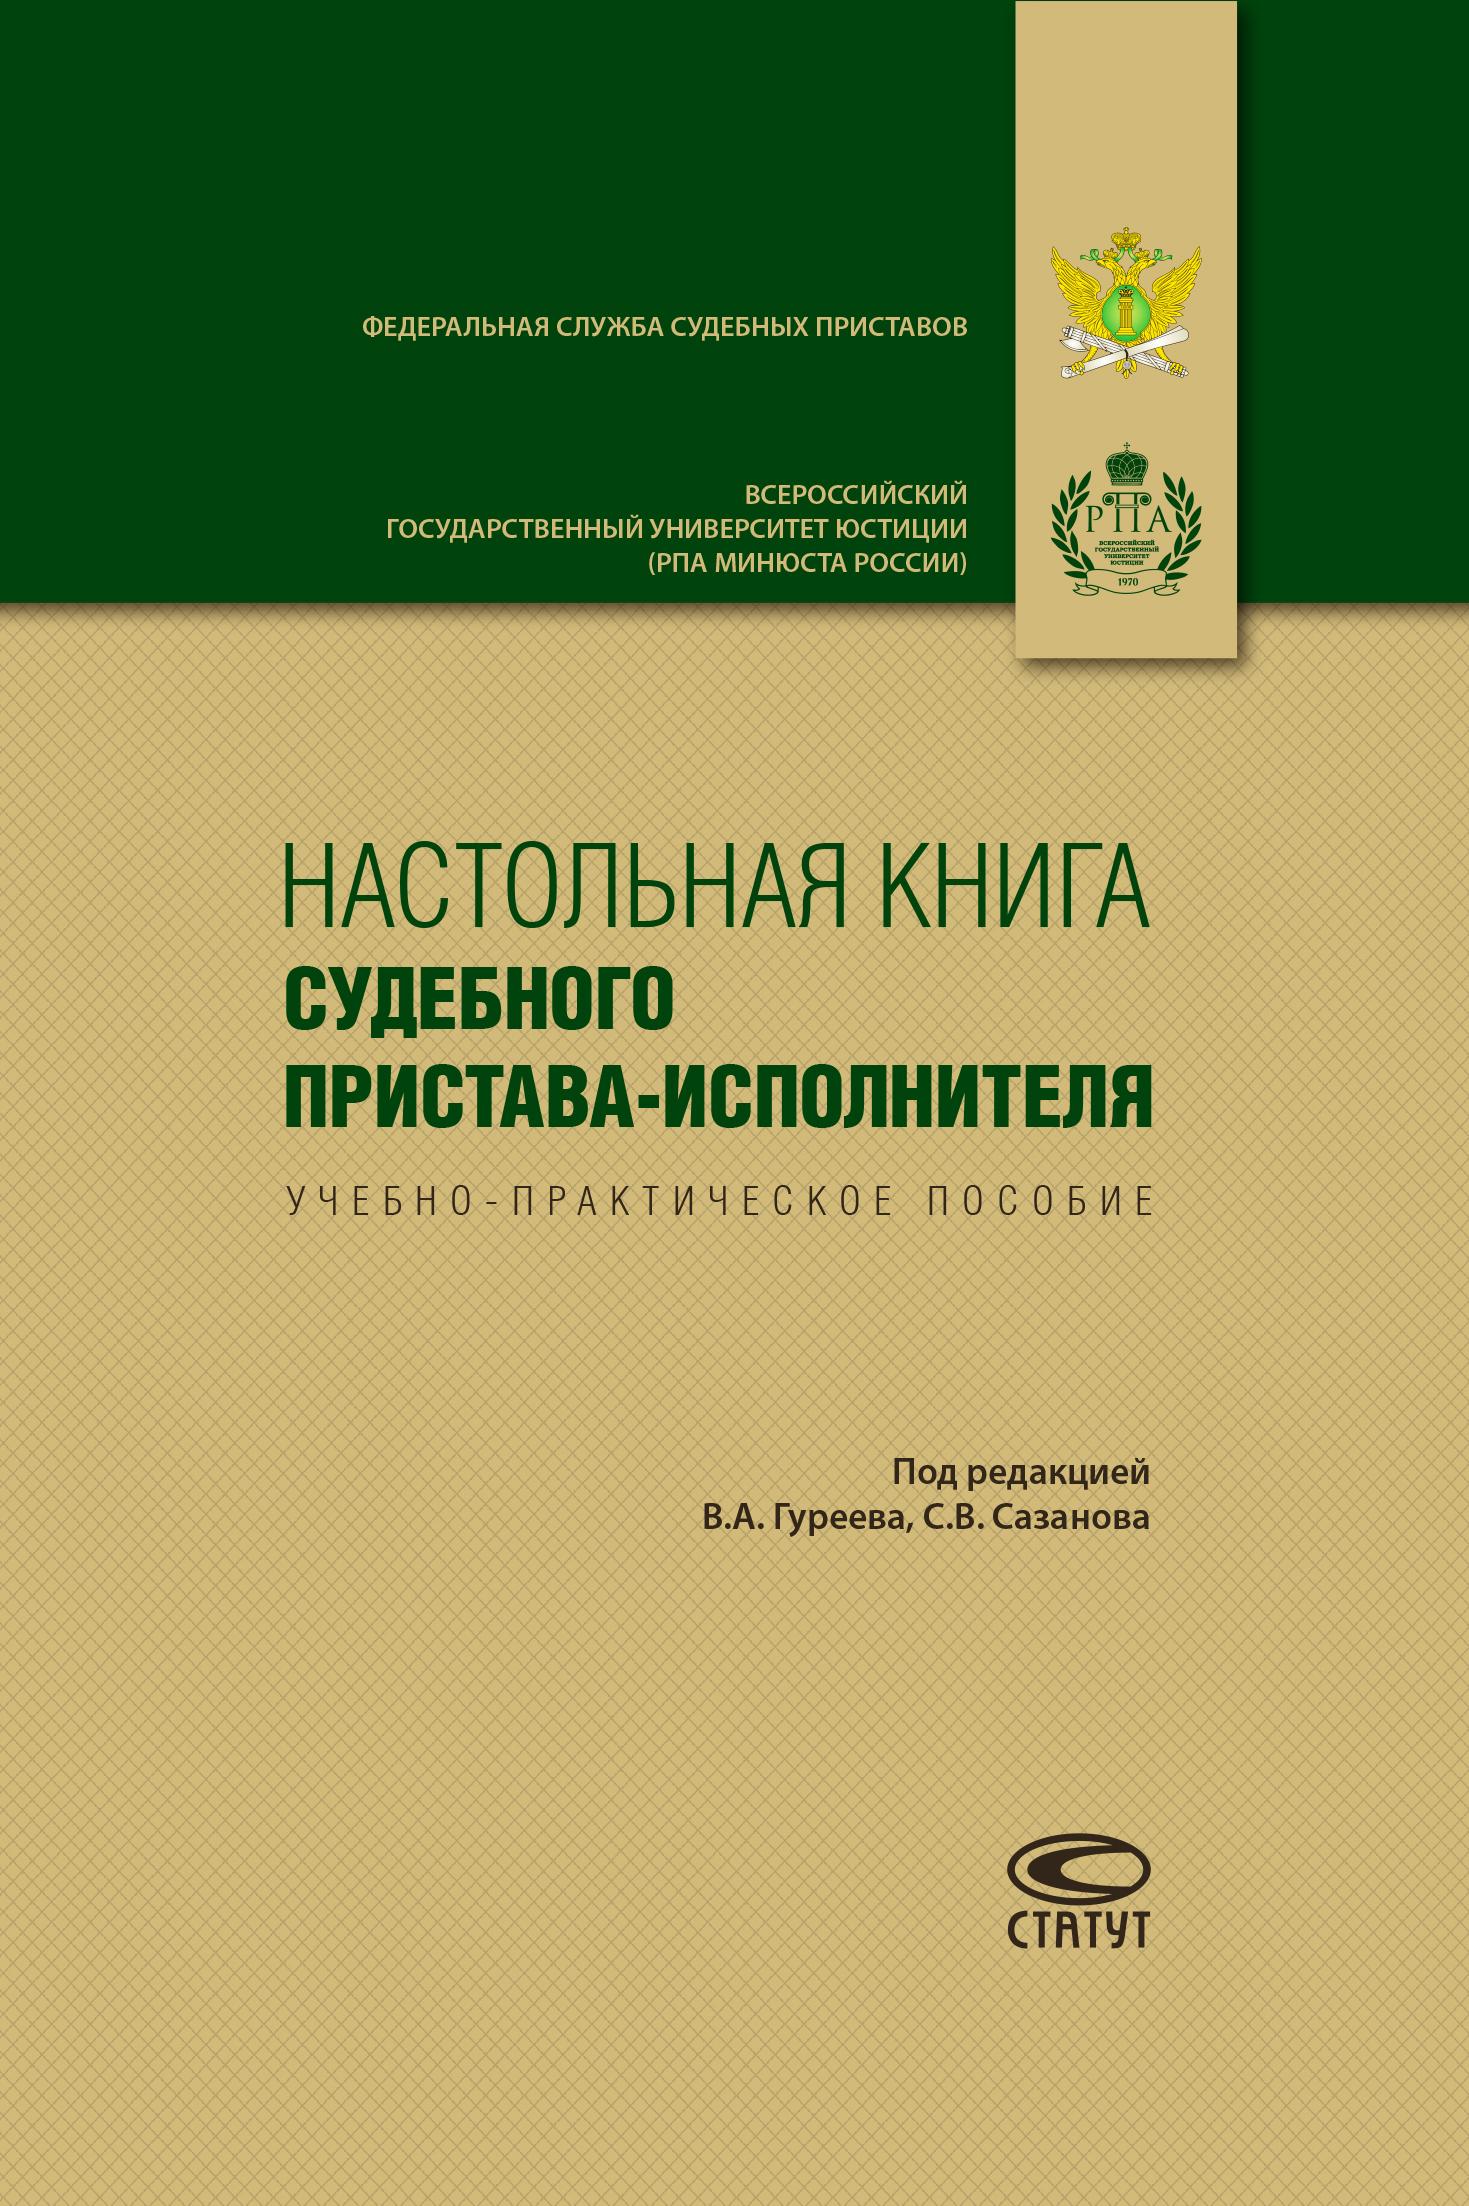 Настольная книга судебного пристава-исполнителя